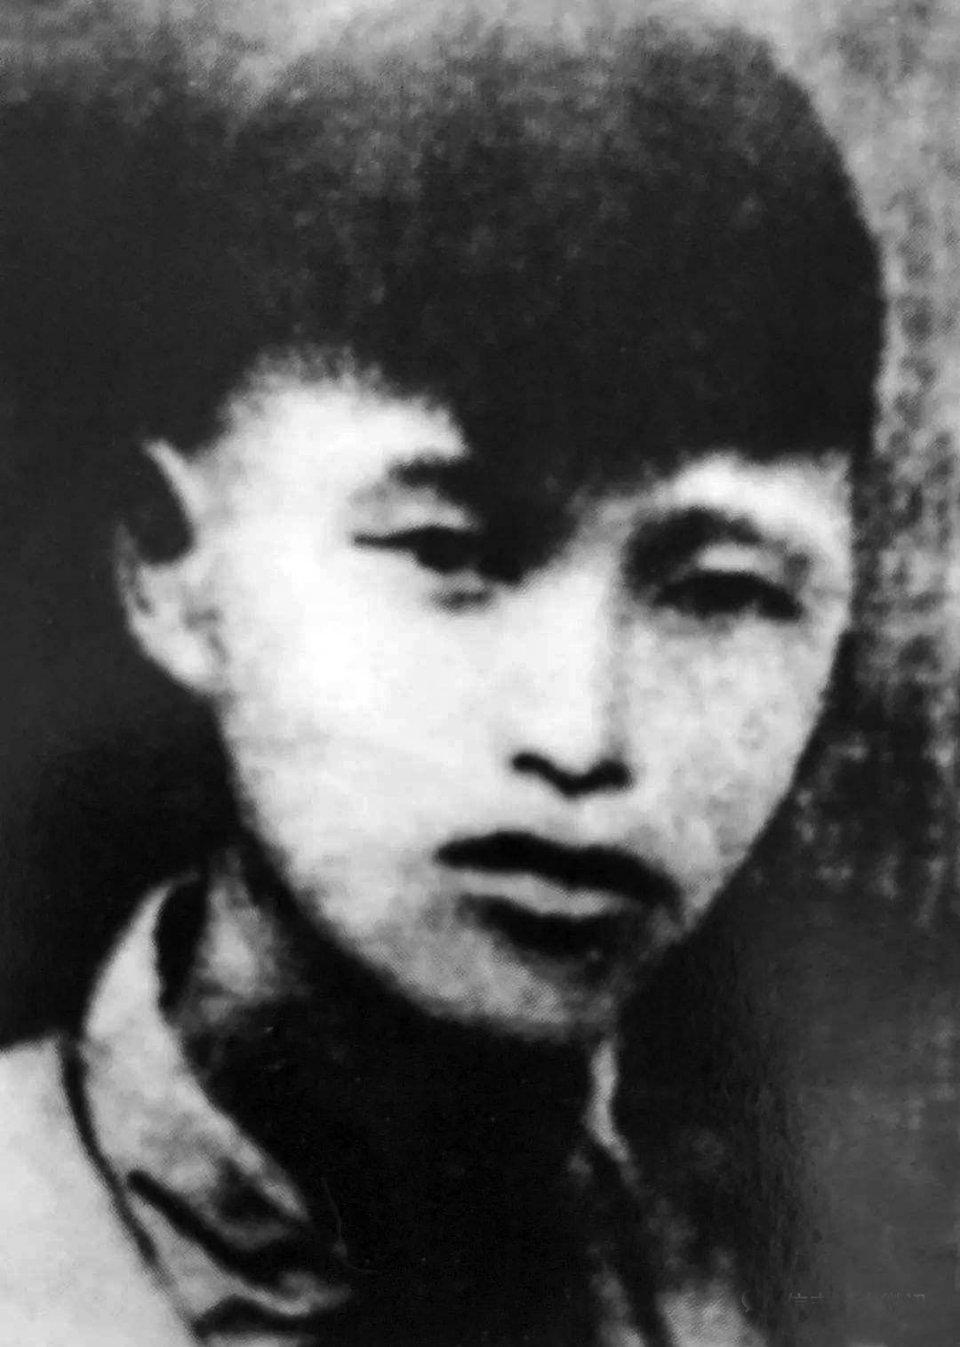 揭秘:红军时期一起鲜为人知的绑架司令员事件 - 第2张  | 图文综合资讯